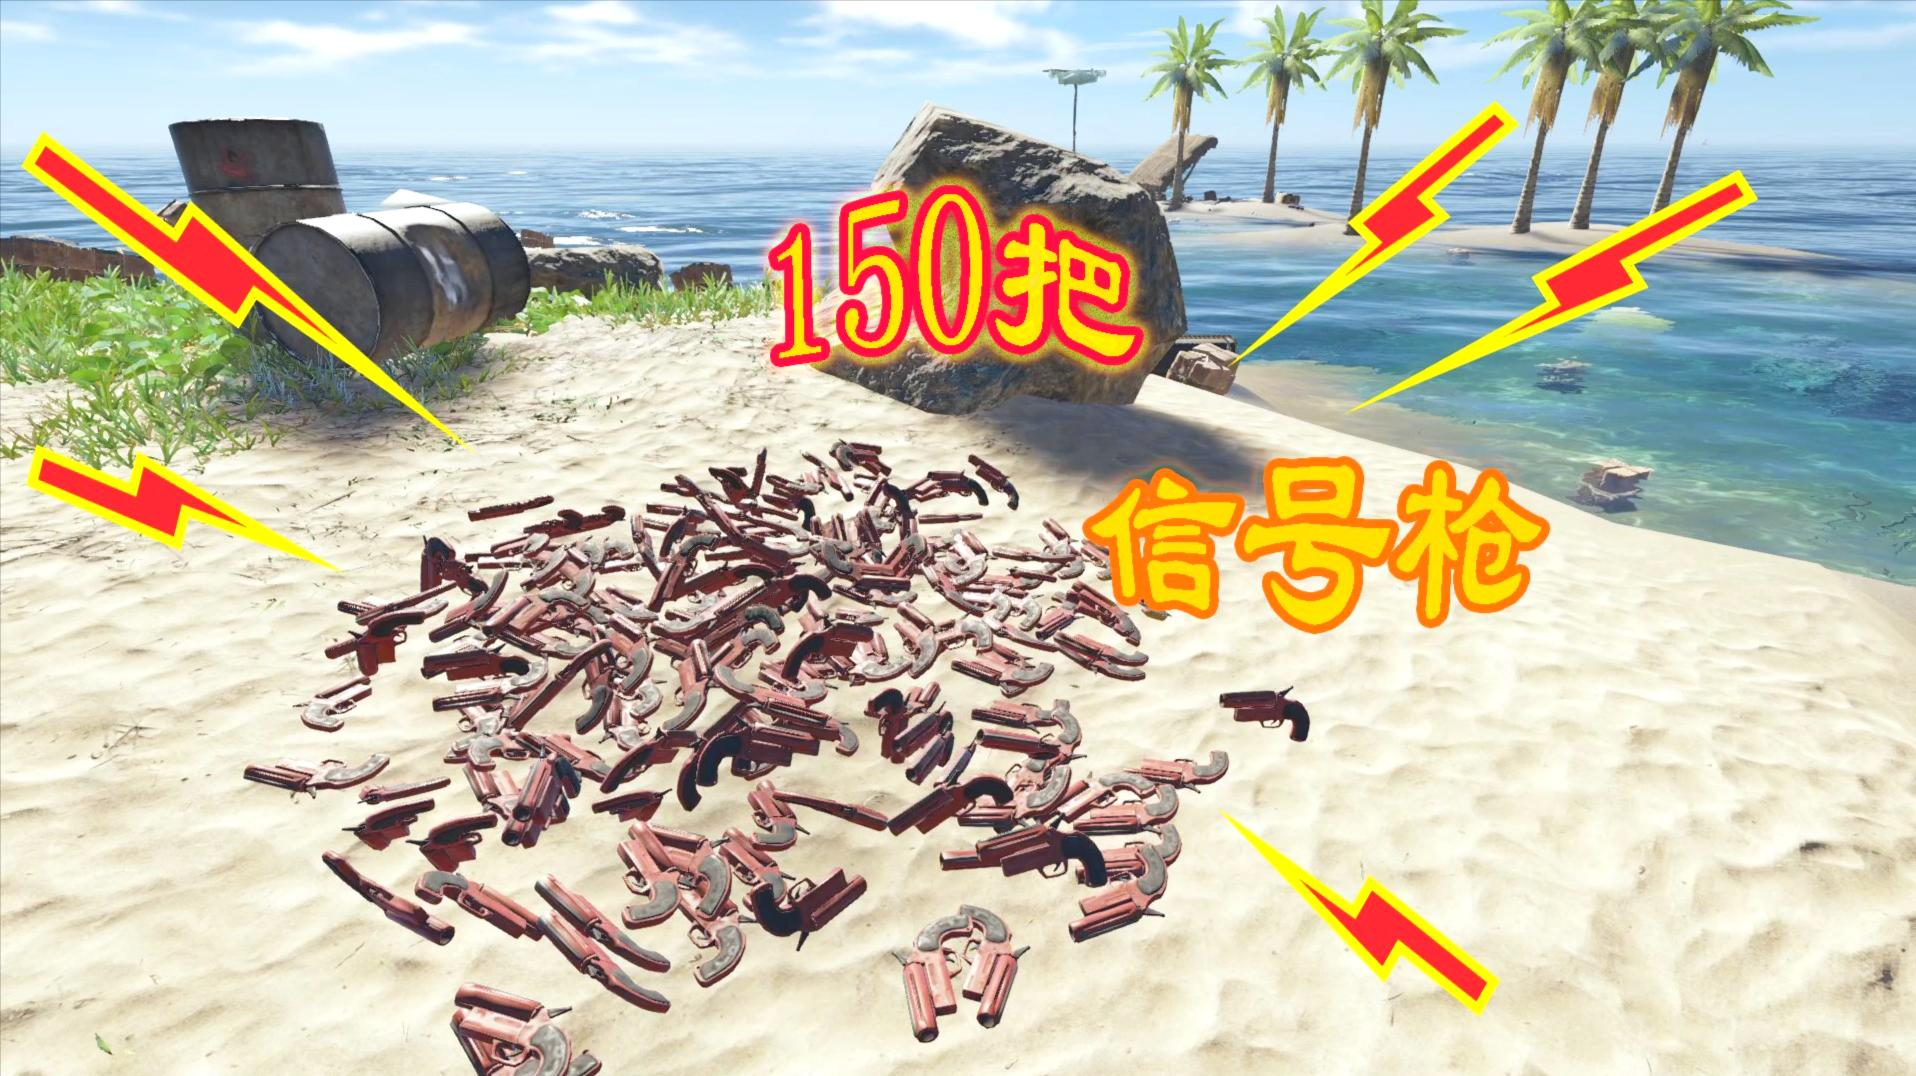 荒岛求生34:我在茅草屋里发现信号枪,一共有150把信号枪